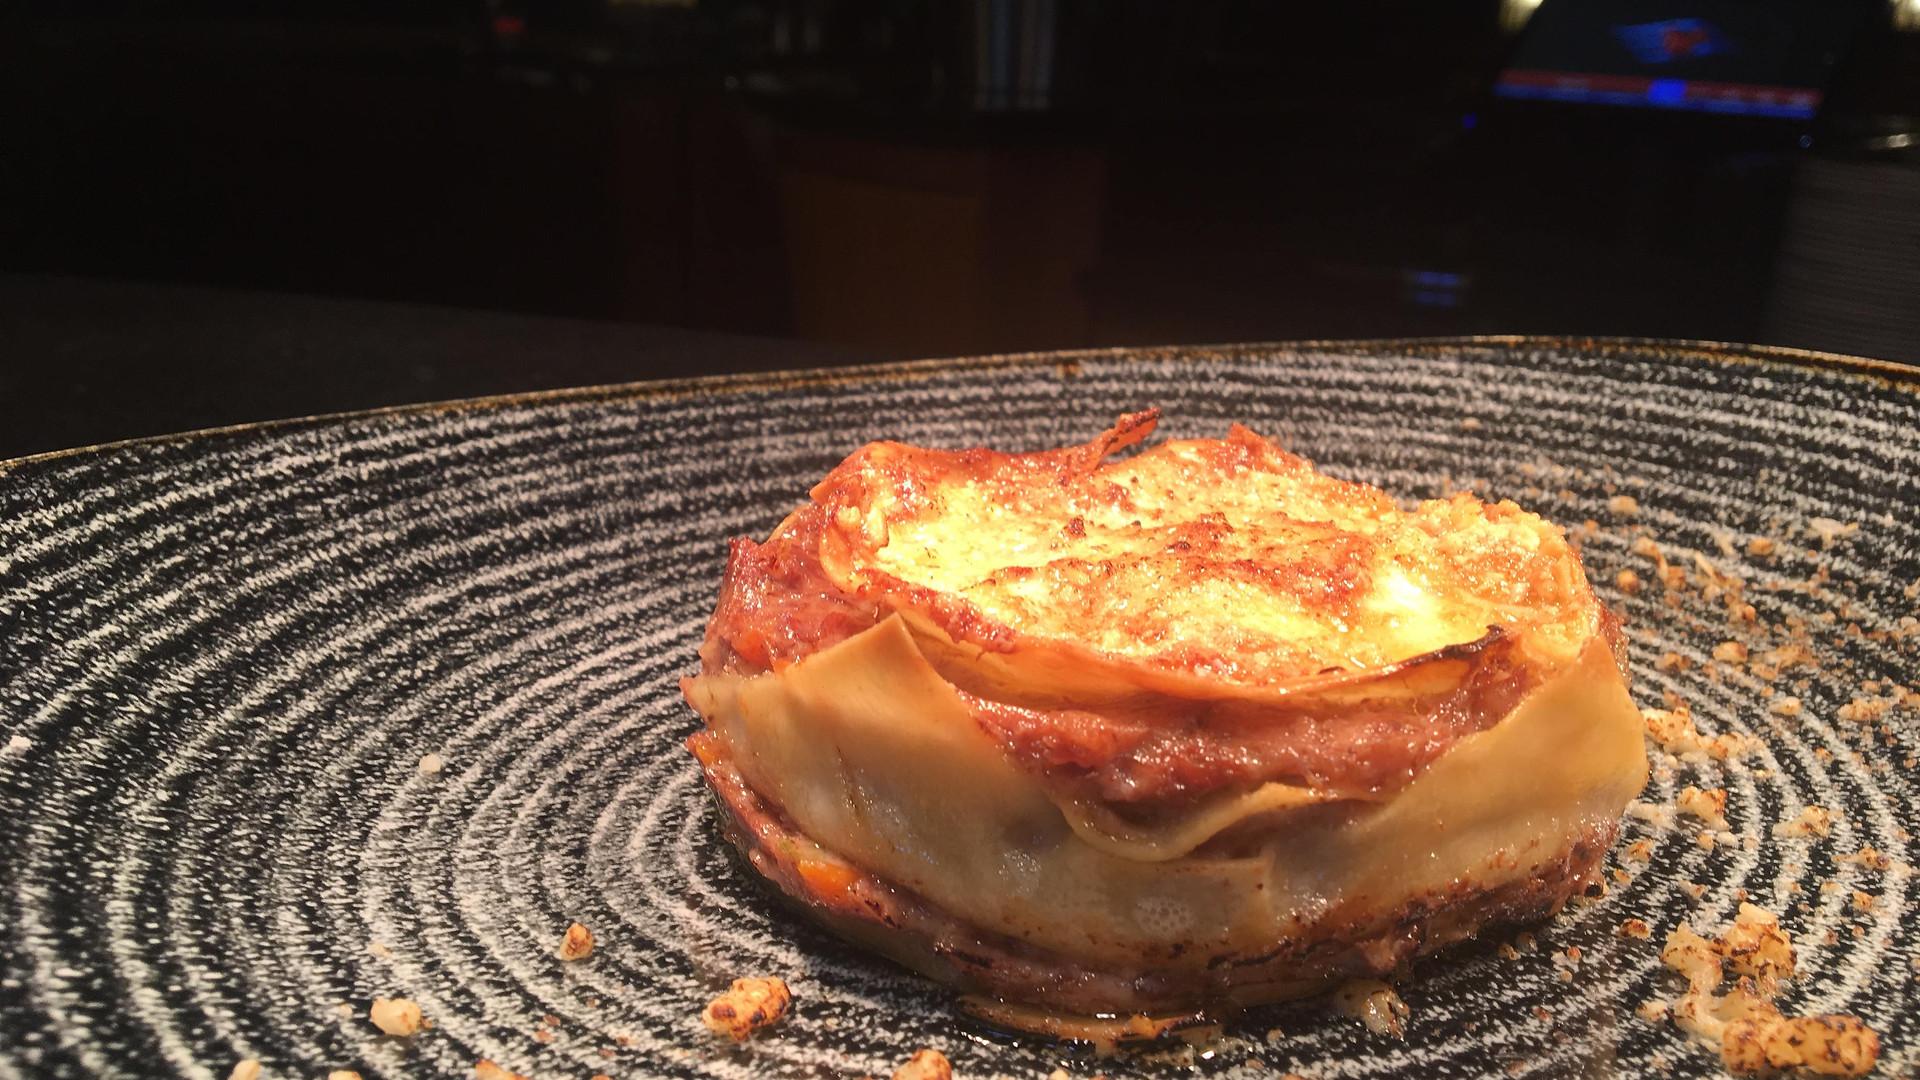 Veal brased Lasagna